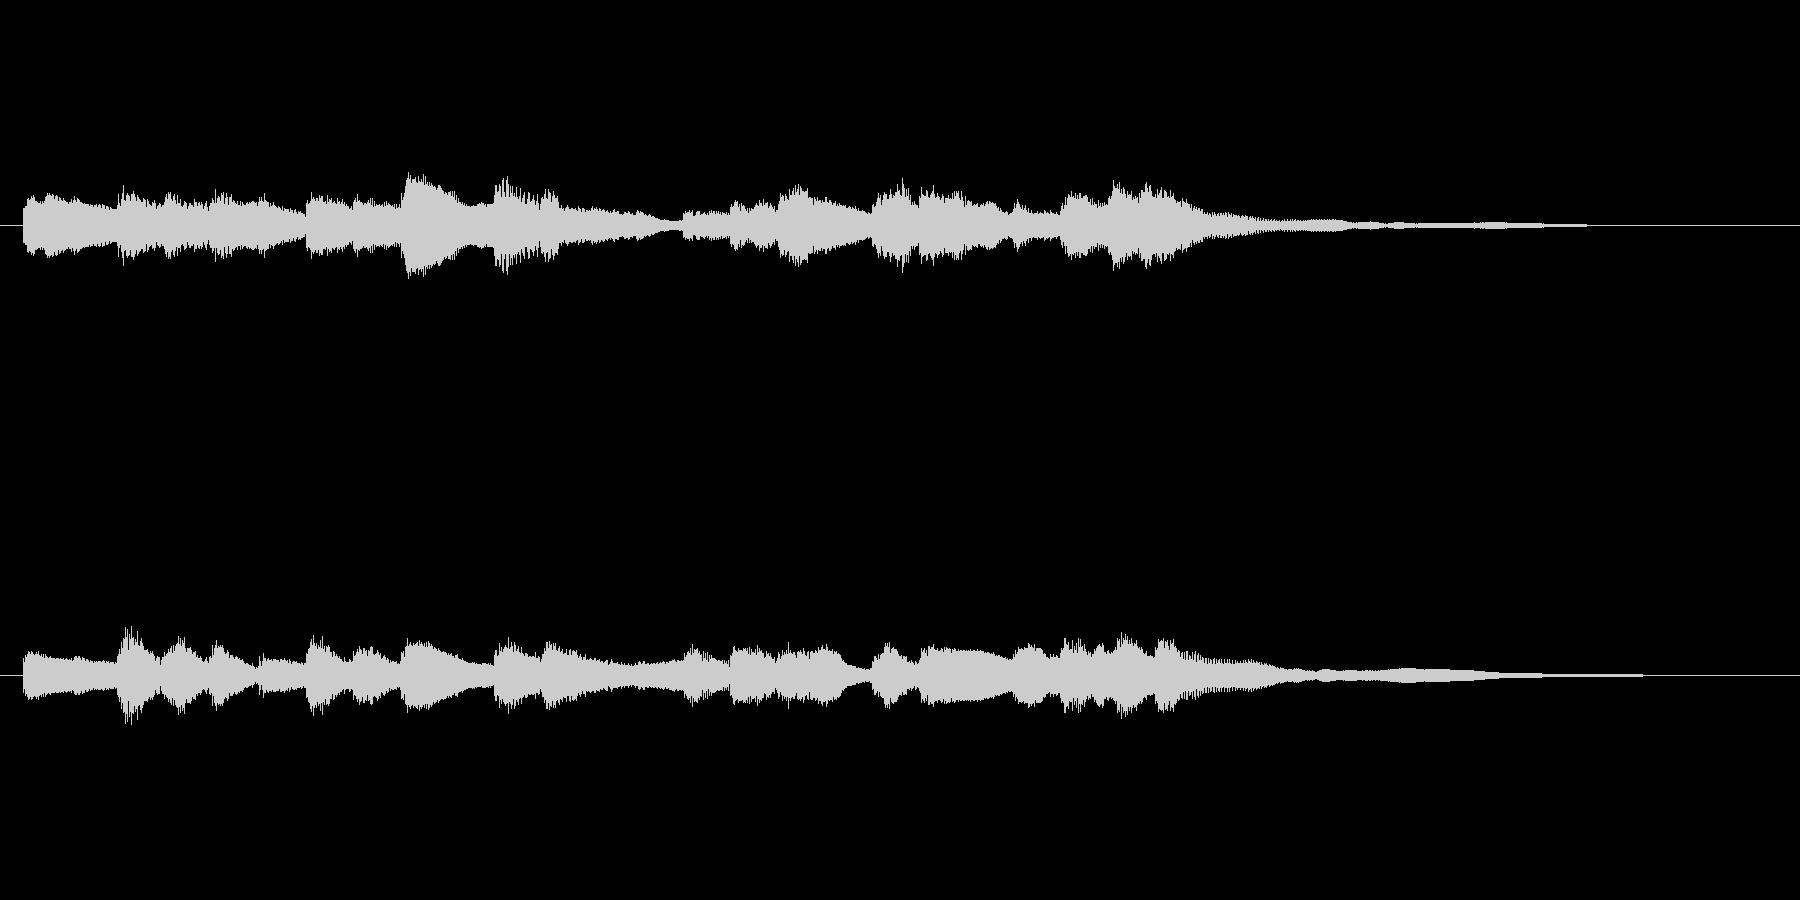 鉄道の到着メロディ(オルゴール音)の未再生の波形